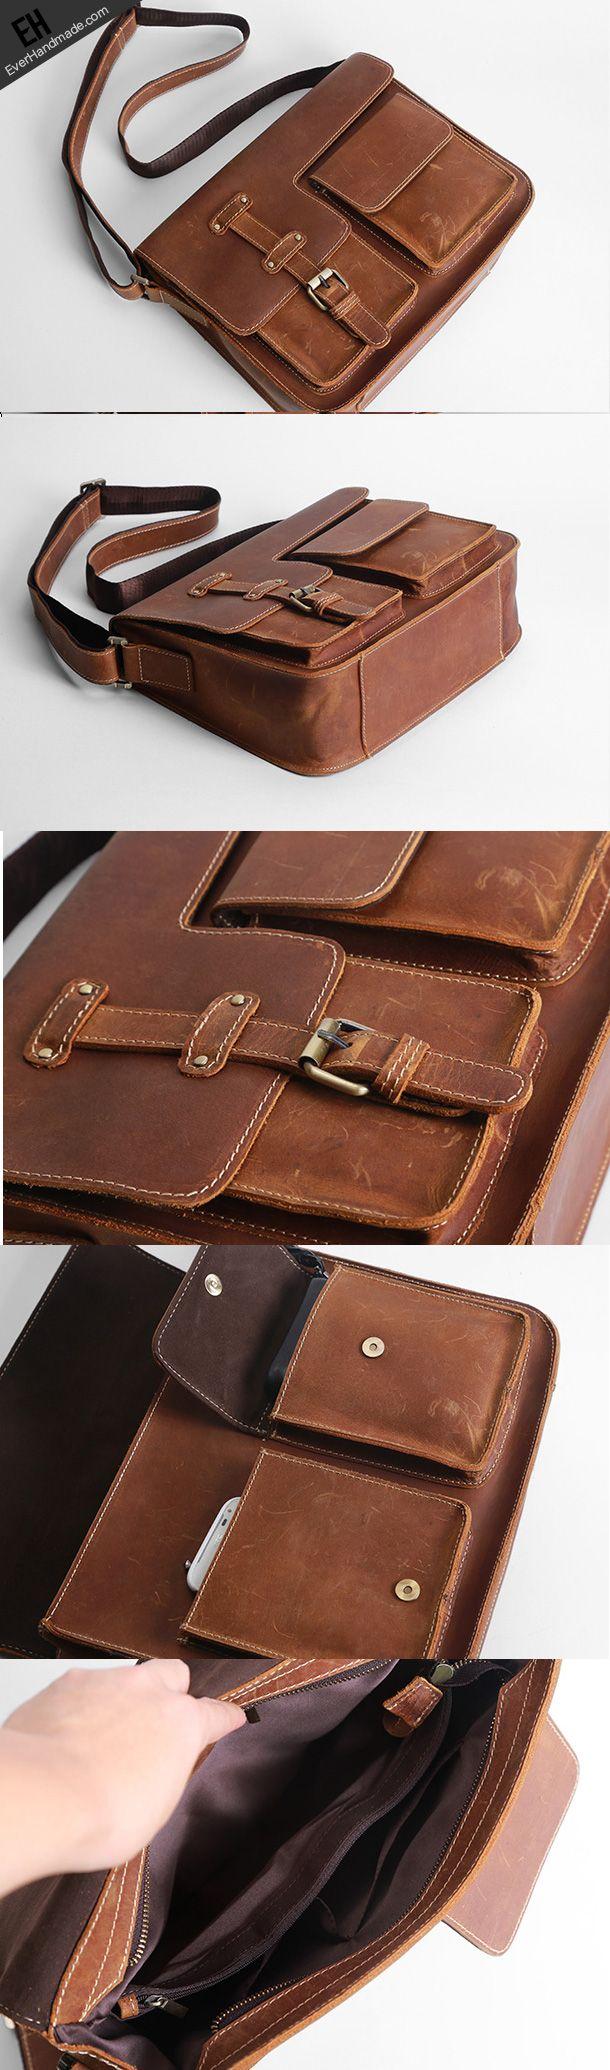 Handmade leather men satchel bag messenger large vintage shoulder